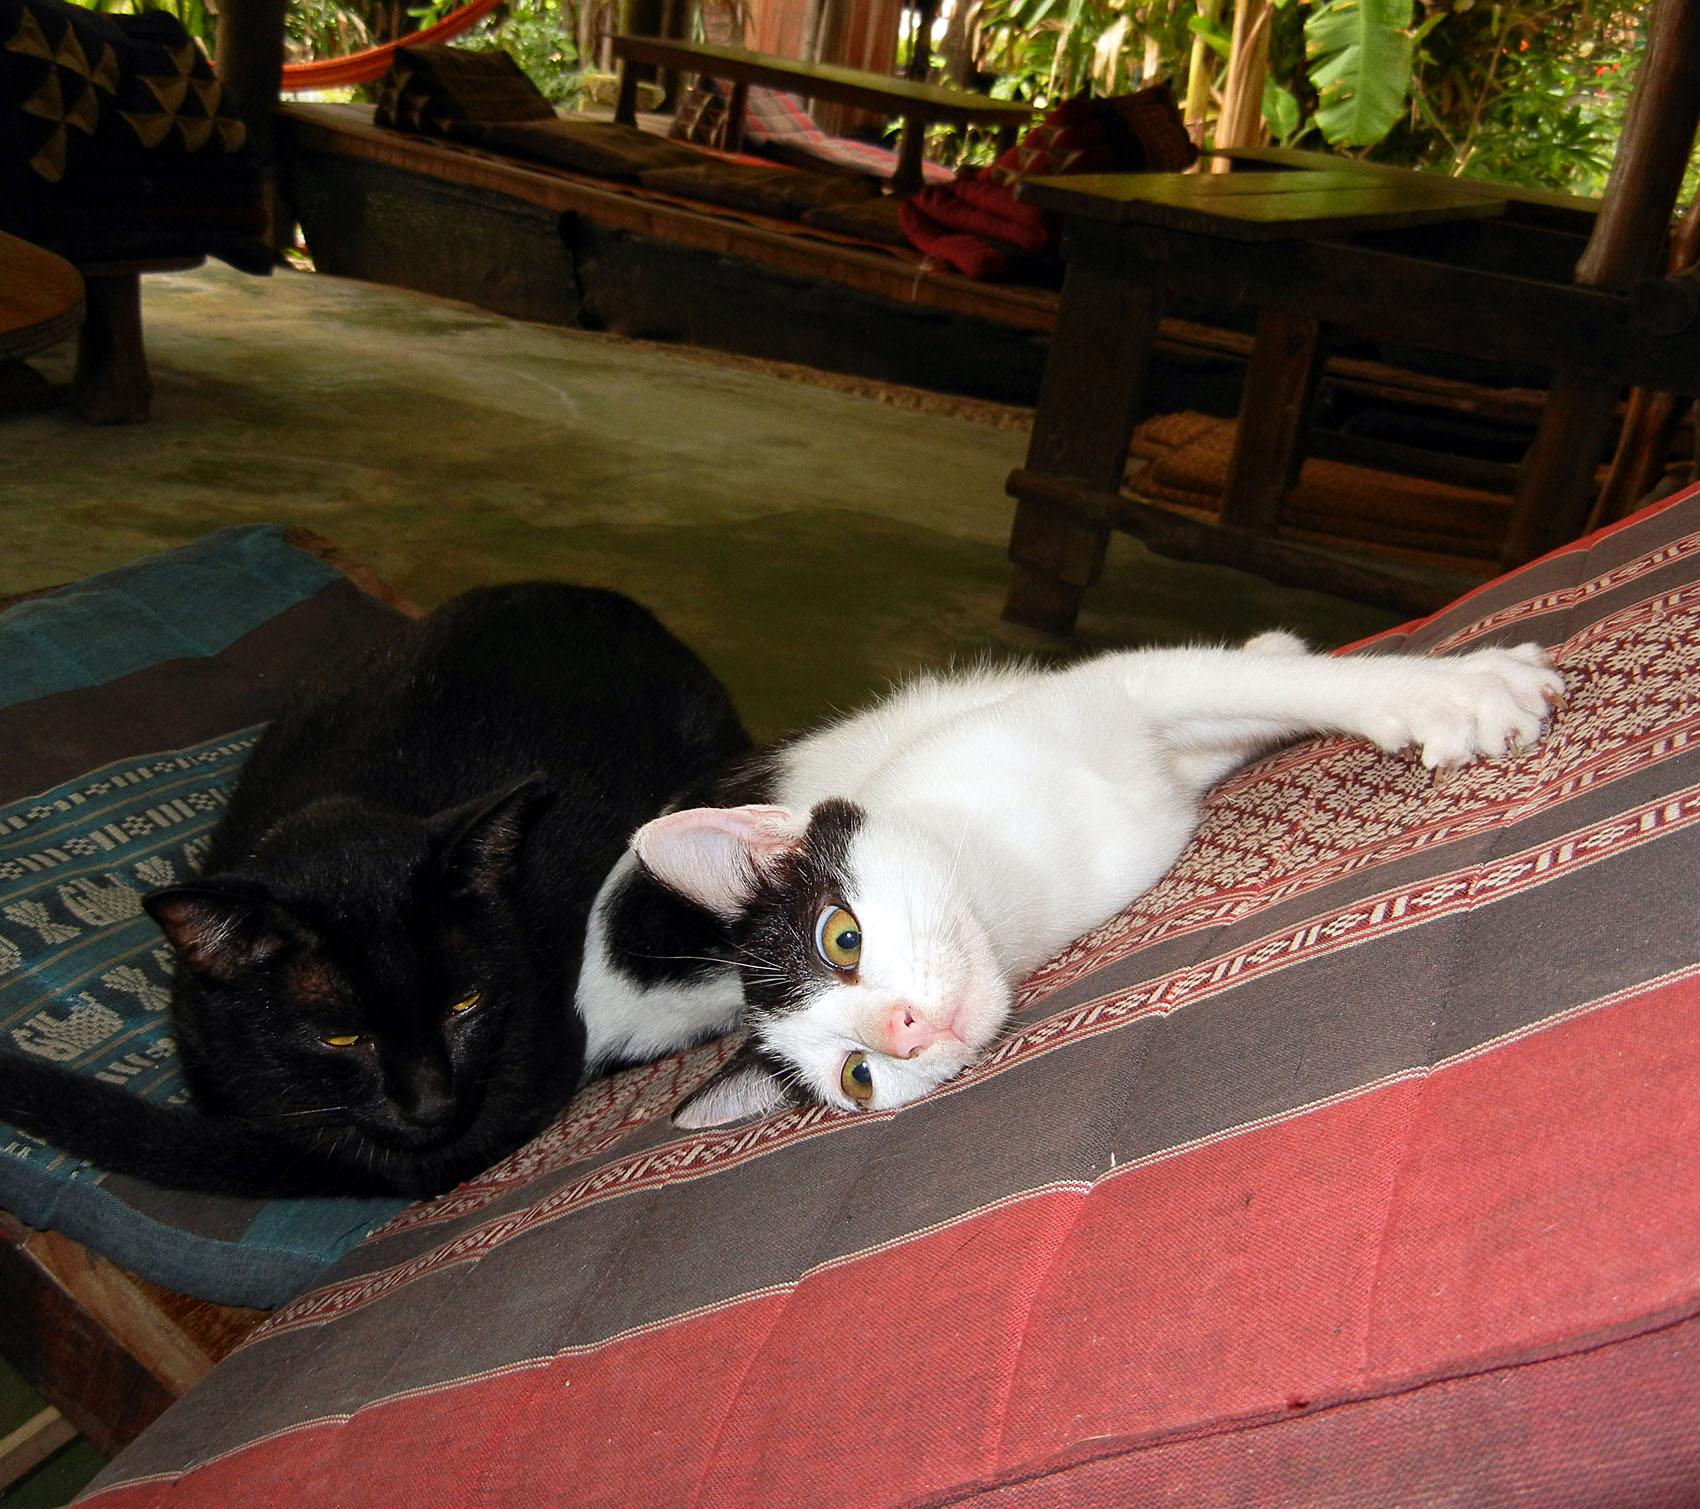 Restaurantkatzen in Thailand